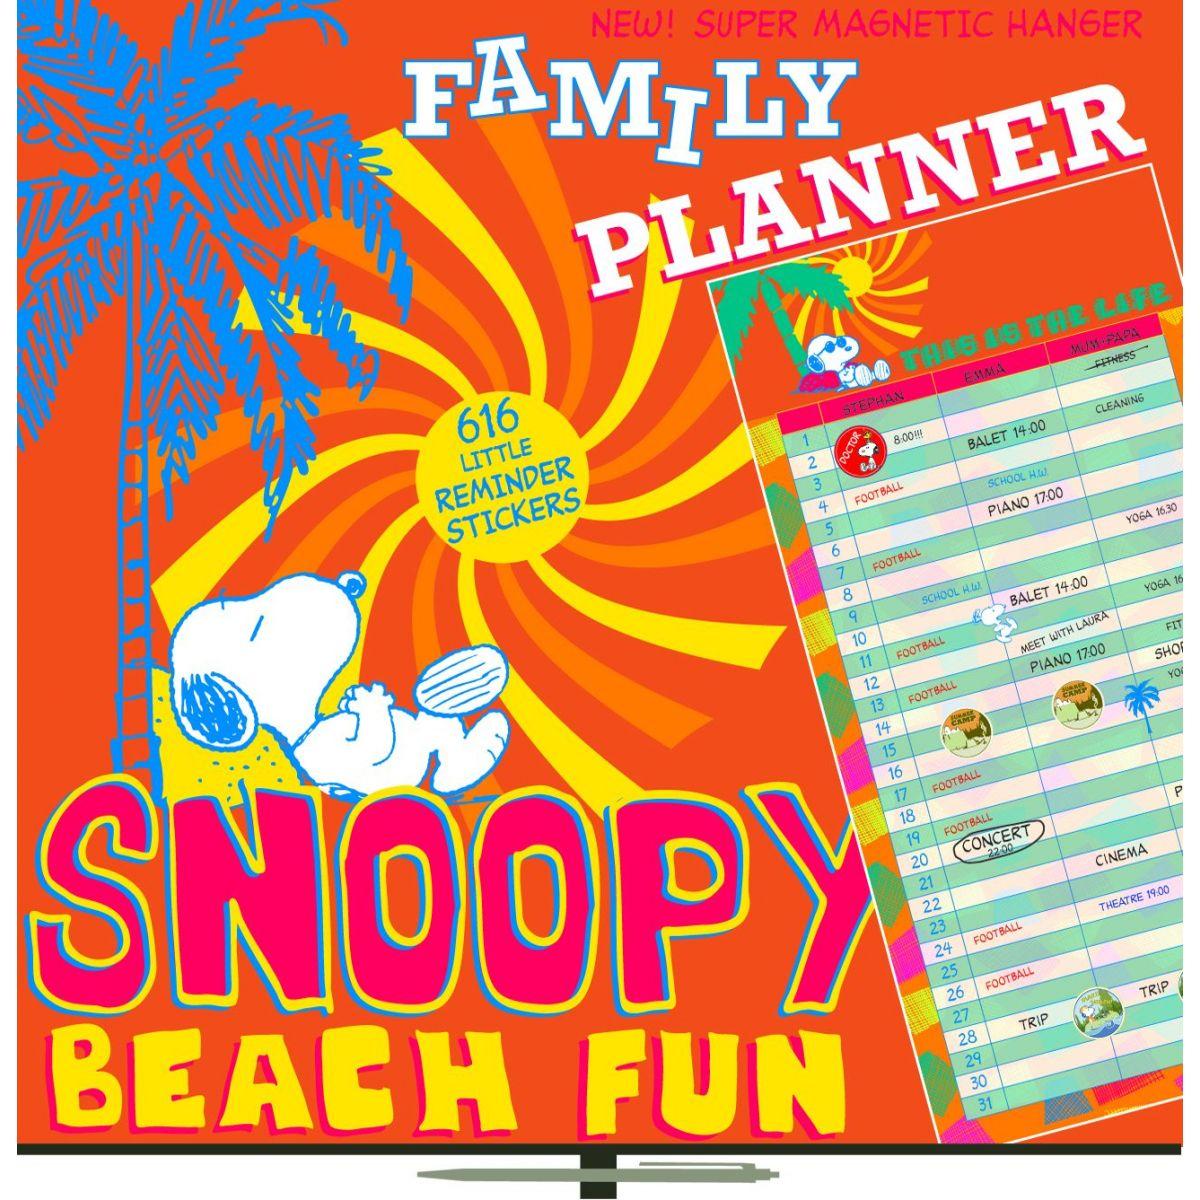 Plánovací Snoopy, poznámkový kalendář 2013, 30 x 60 cm